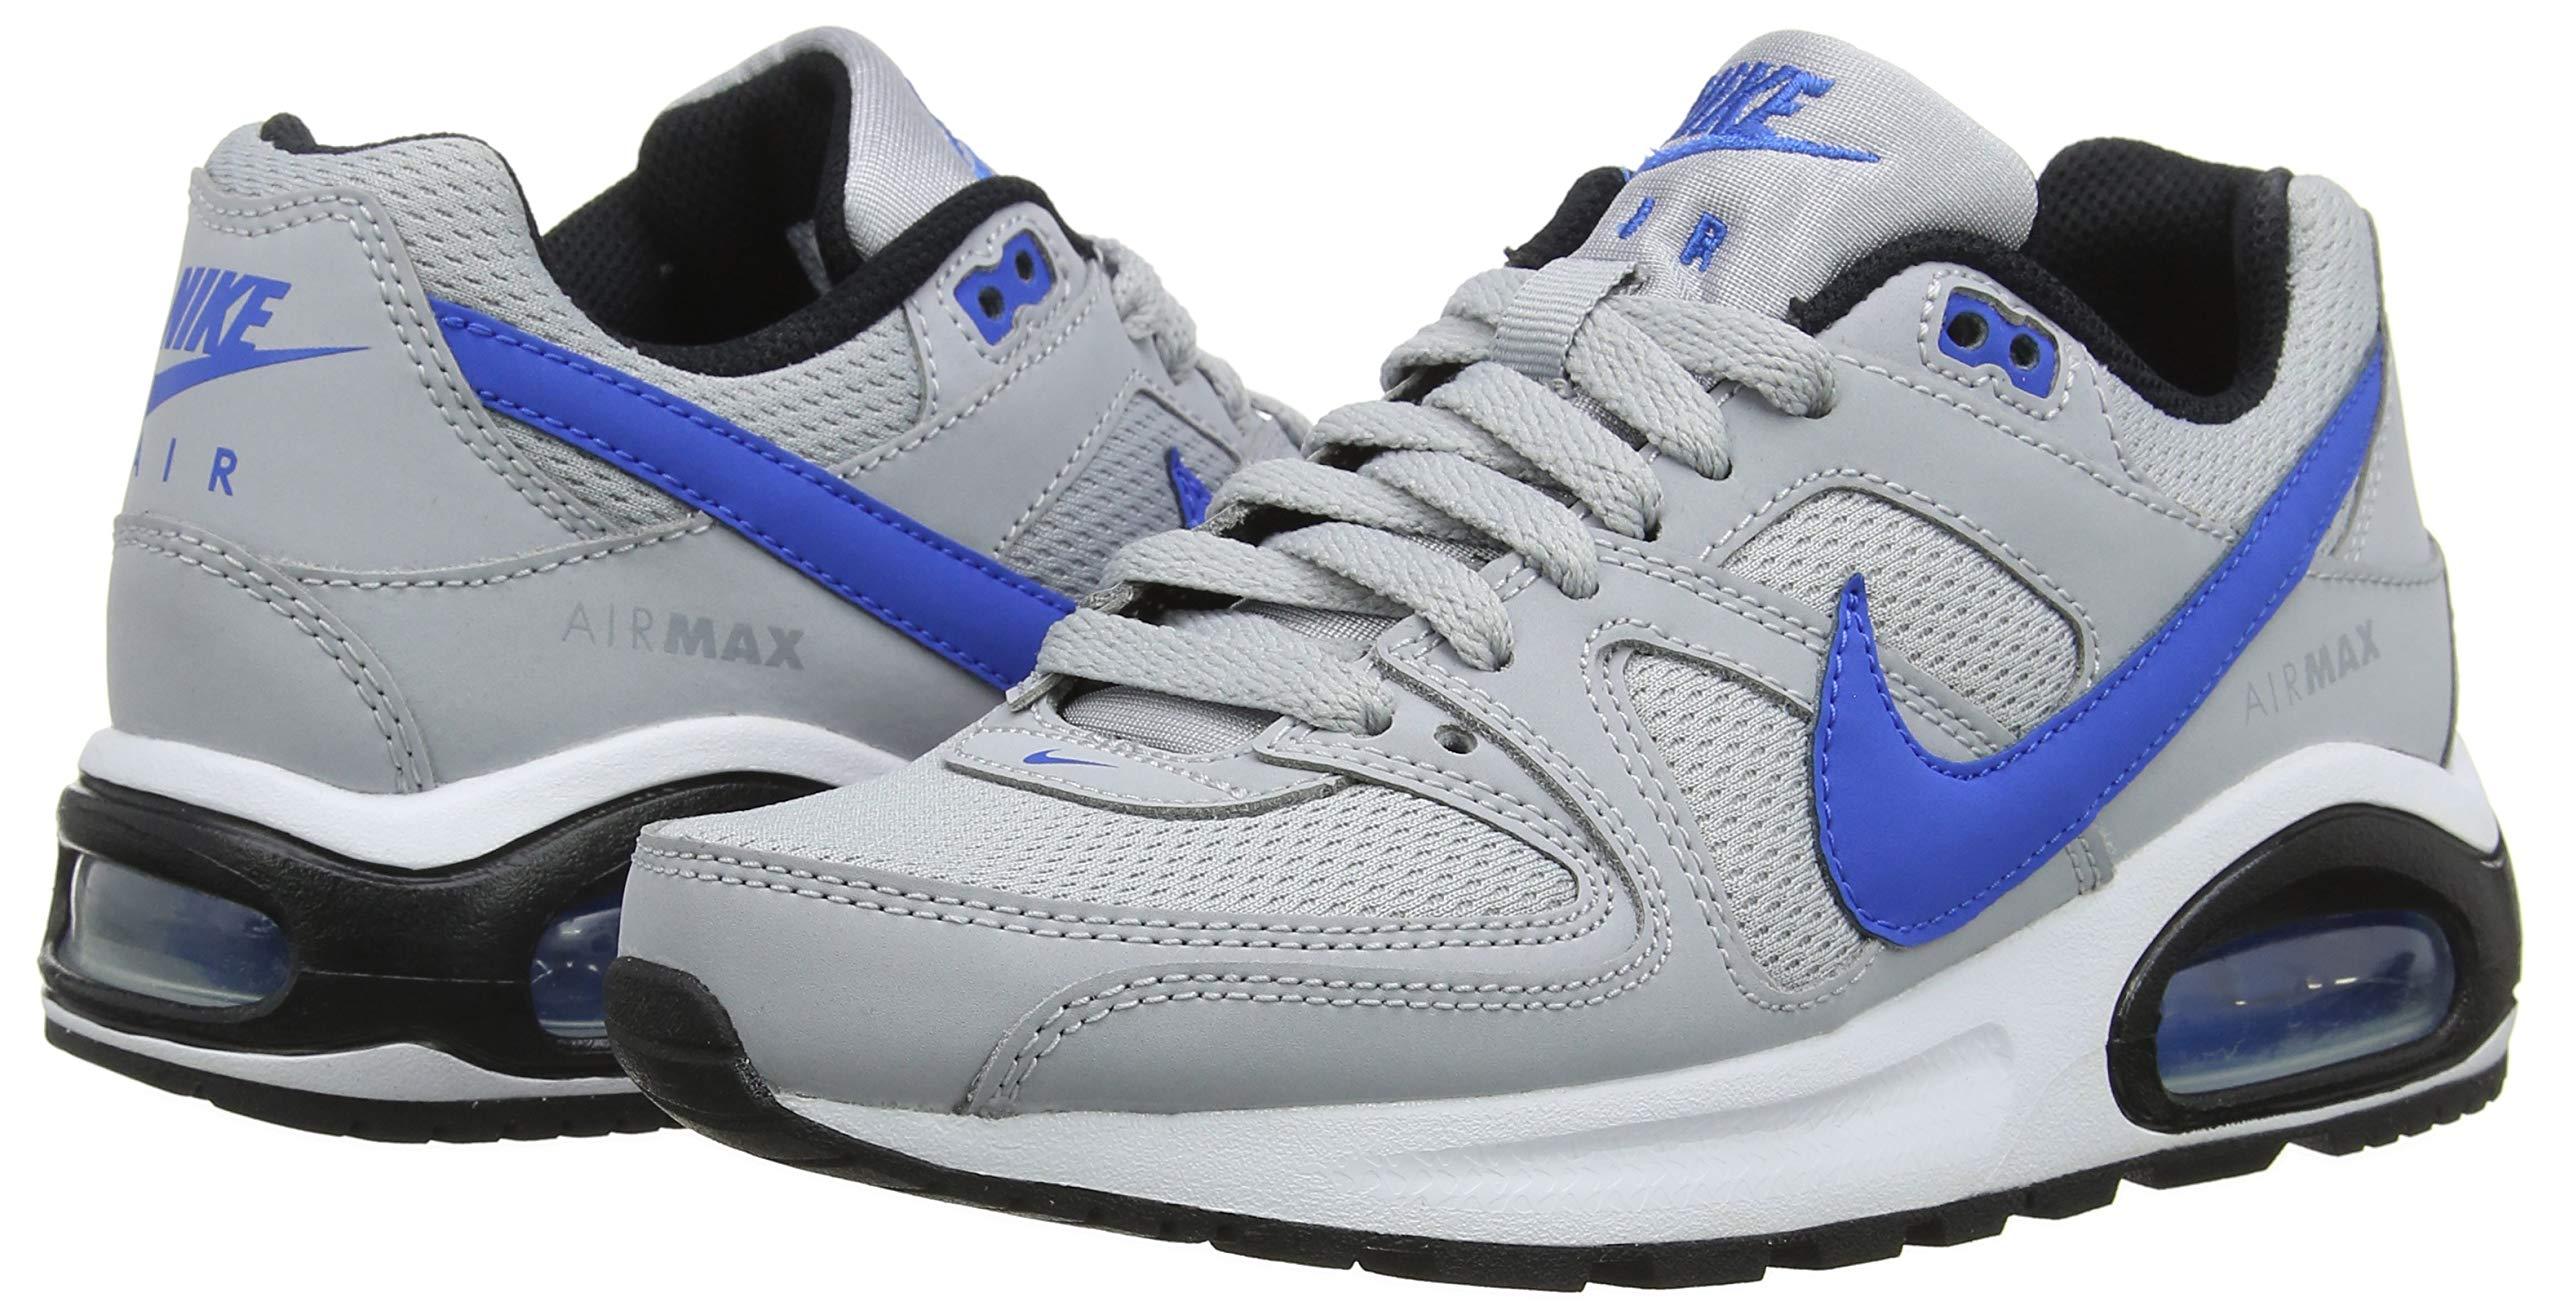 release date 37aa3 e7bbb Nike Air Max Command Flex (GS), Scarpe da Ginnastica Basse Bambino